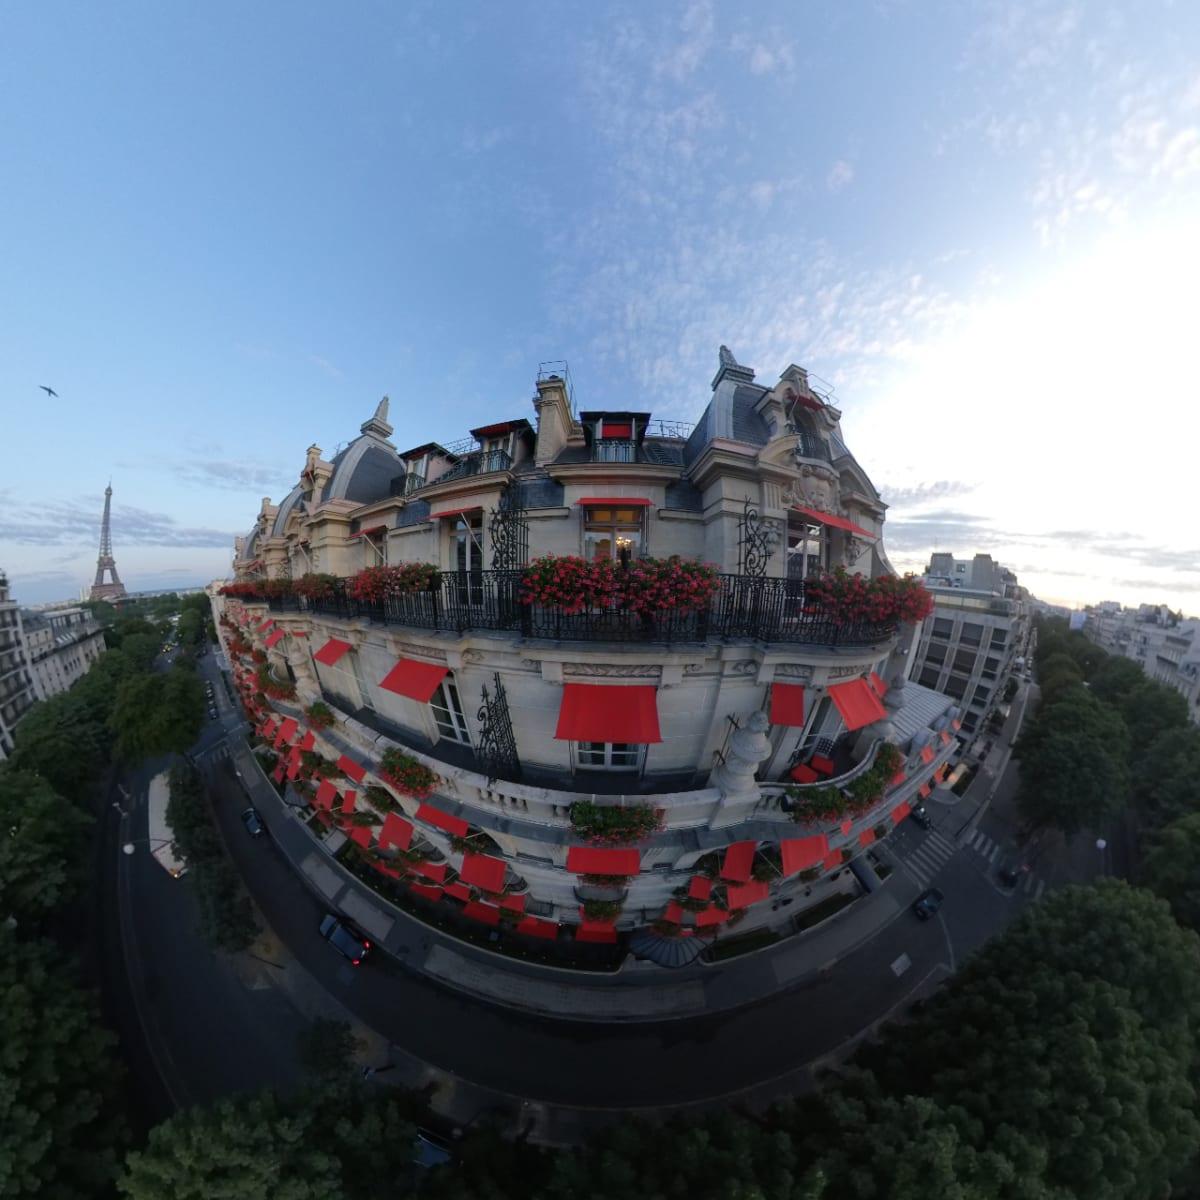 Parisでいわゆるパラスクラスに属するプラザアテネに2泊しました。素晴らしいホテルです。(Insta360で撮影、ドローンで撮っている様ですが違います。) | パリ